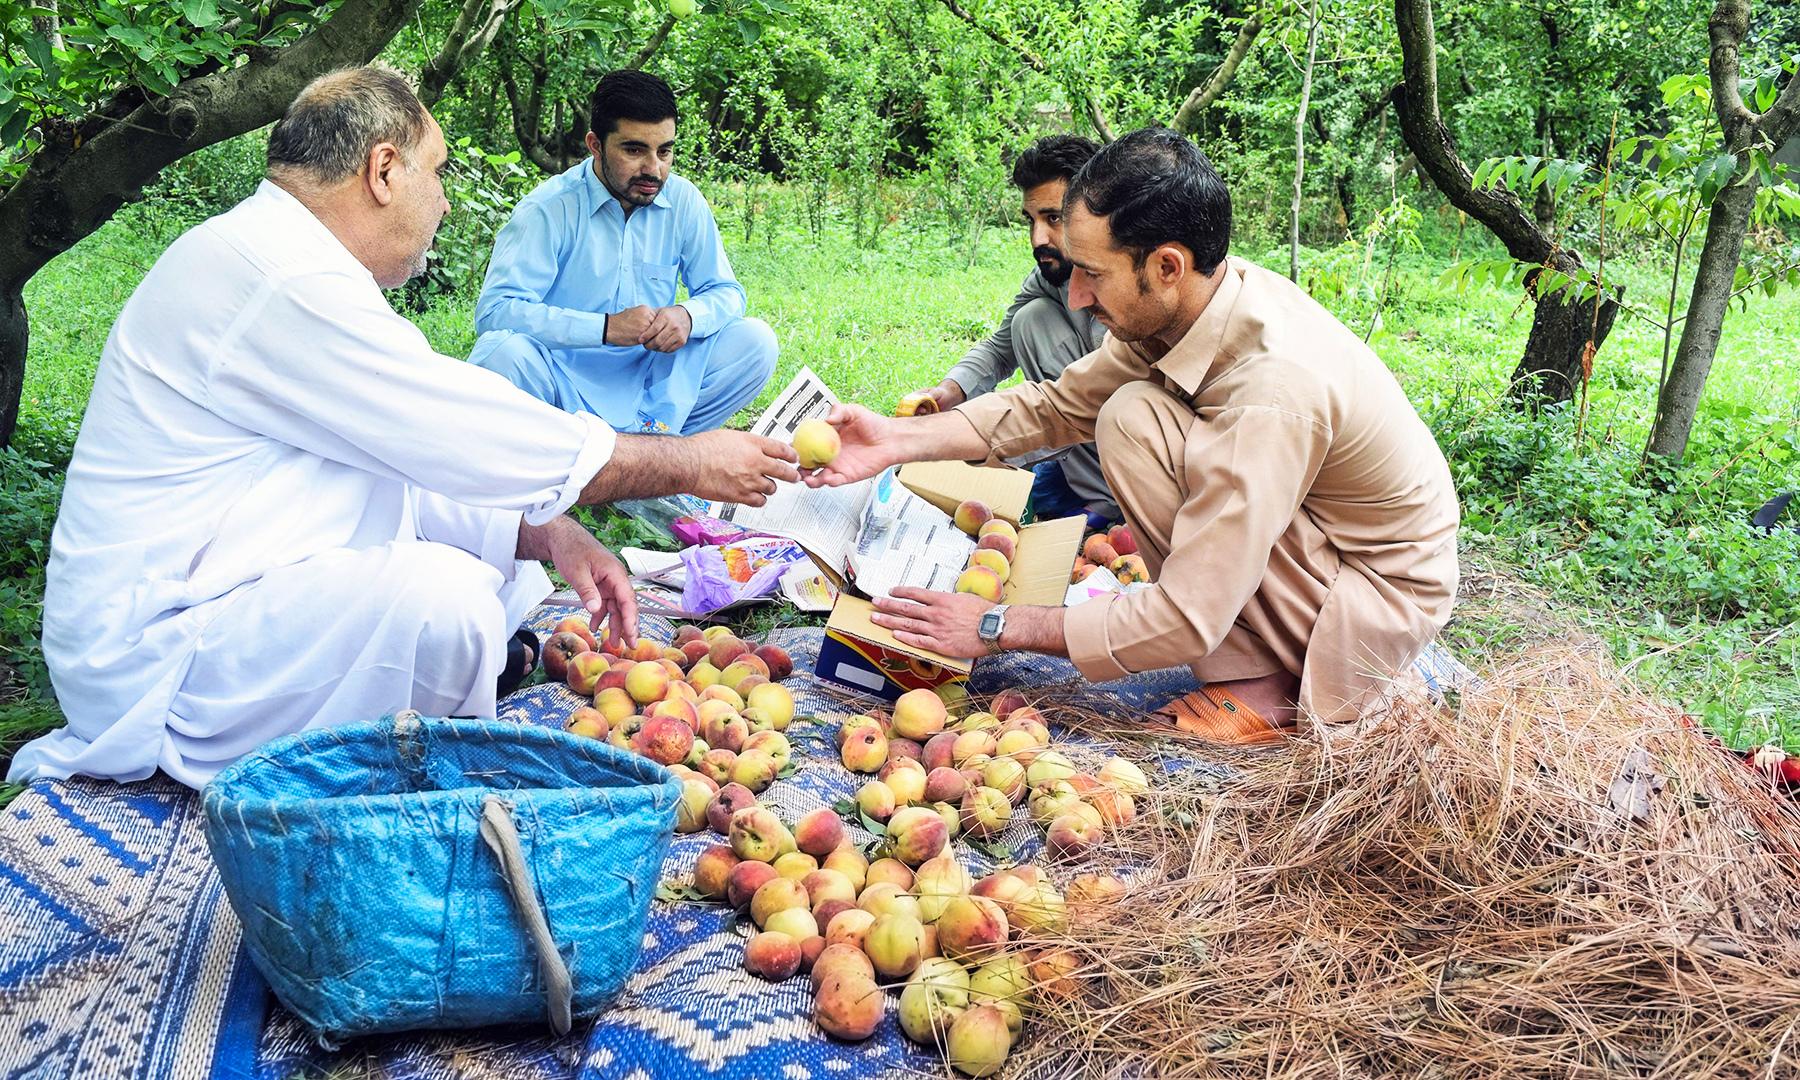 کریٹ ساز اپنے کام میں مصروف ہے — تصویر امجد علی سحاب